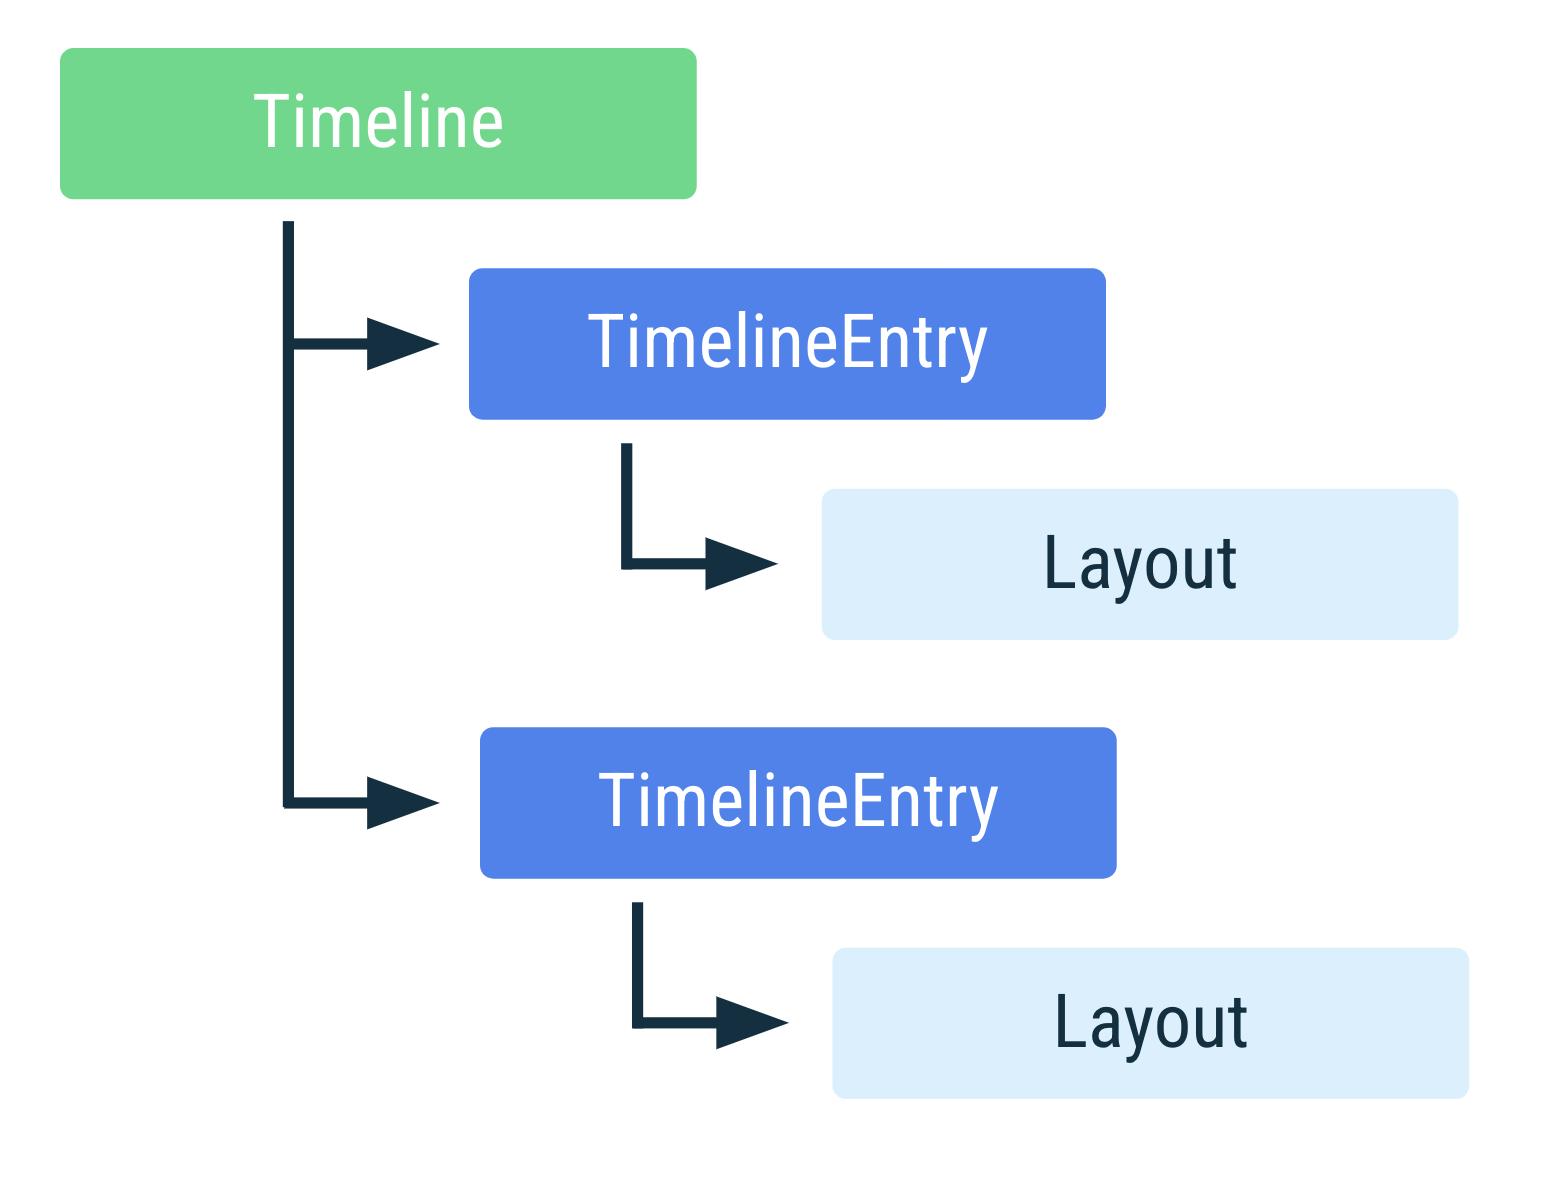 Diagram of Tile timeline